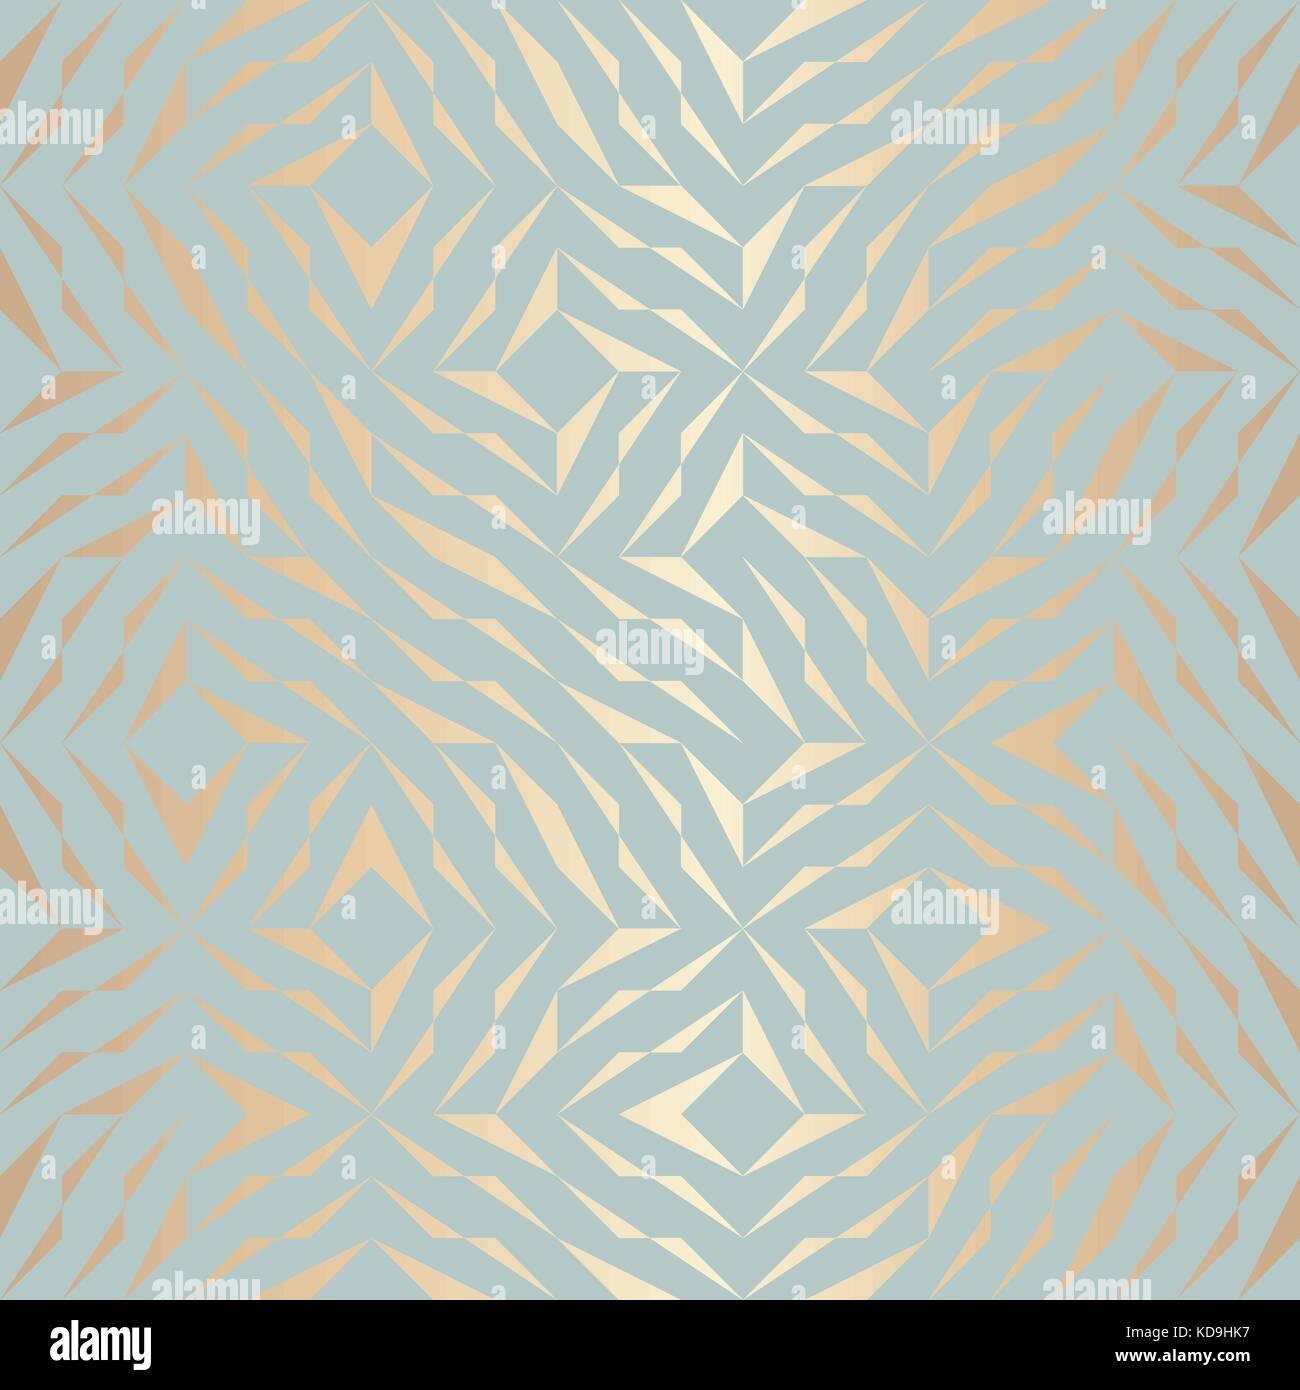 511a8a4b3e Seamless vector patrón geométrico elemento dorado fondo abstracto textura  de cobre verde azul. simple Imagen